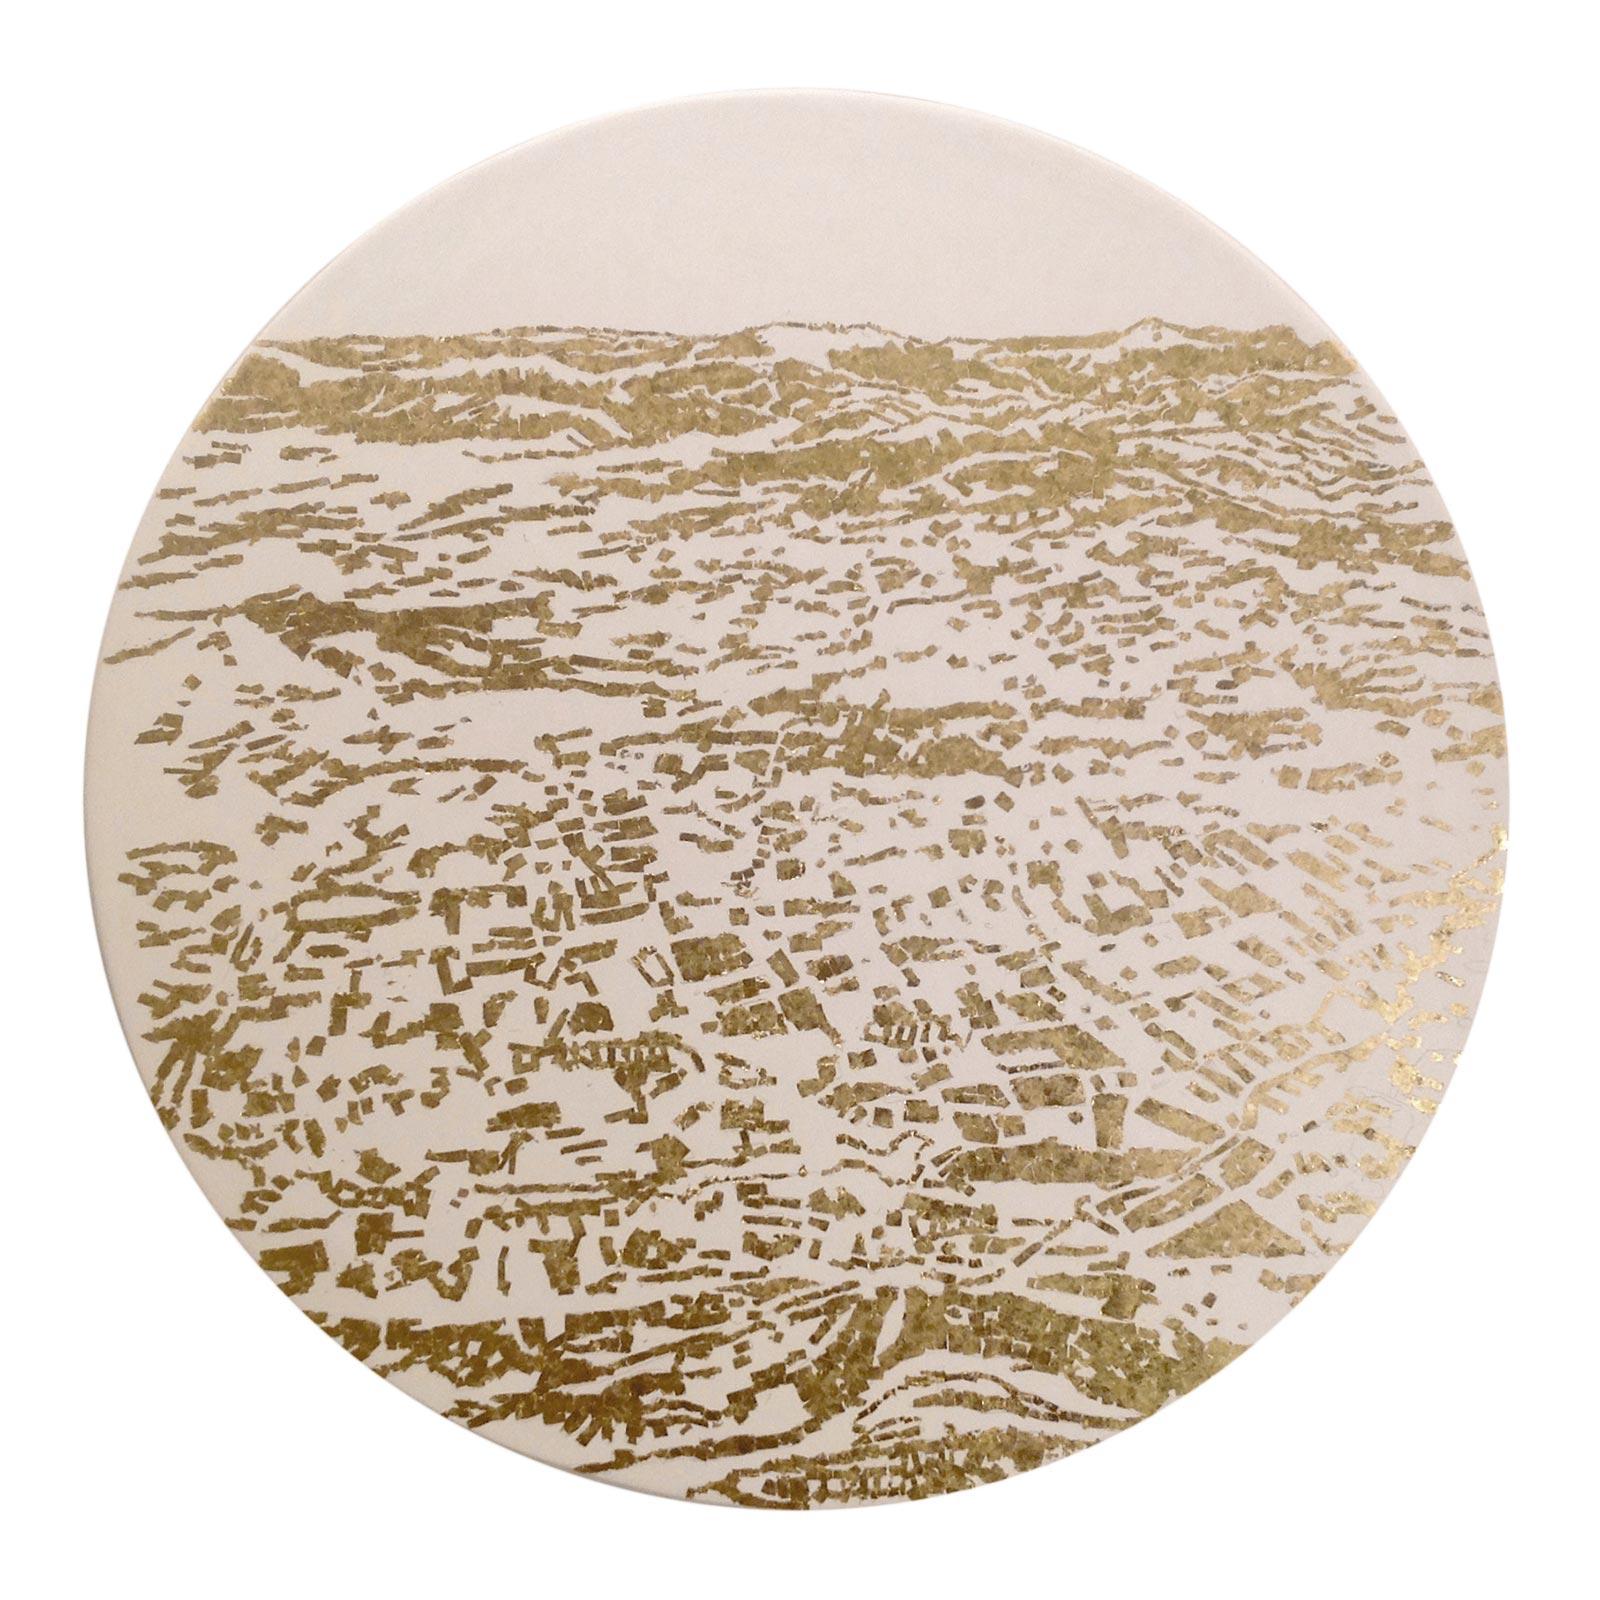 Caterina-Sbrana,-22-Dicembre-1915-gesso-naturale,-foglia-d'oro-zecchino-montata-su-tavola